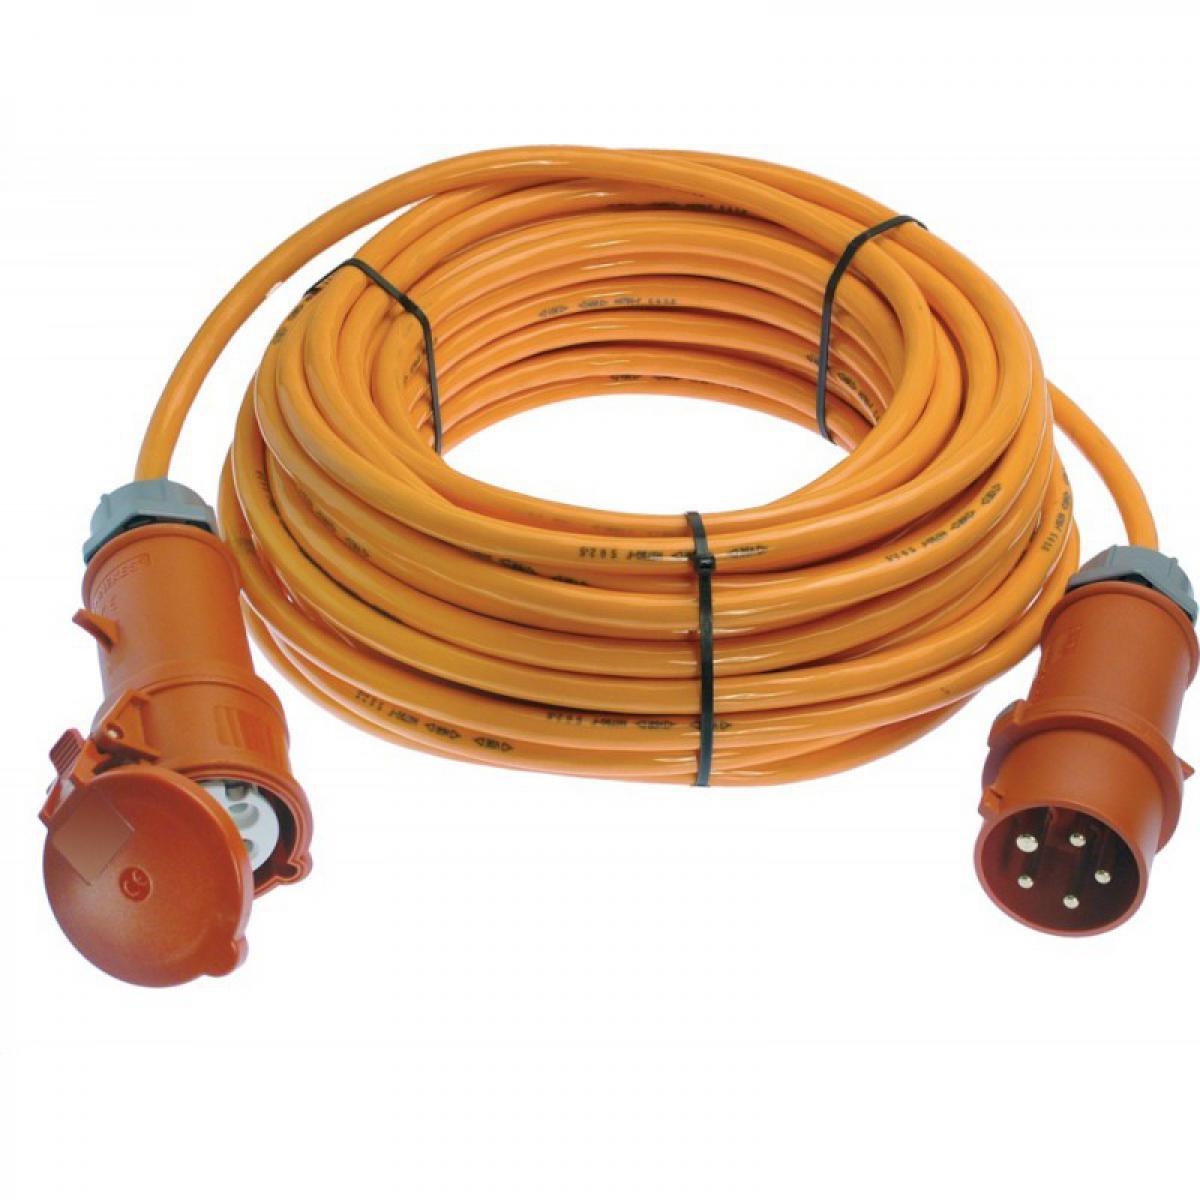 Schwabe CEE-Rallonge électrique 16A,25m H07BQ-F5G2,5 orange 400V